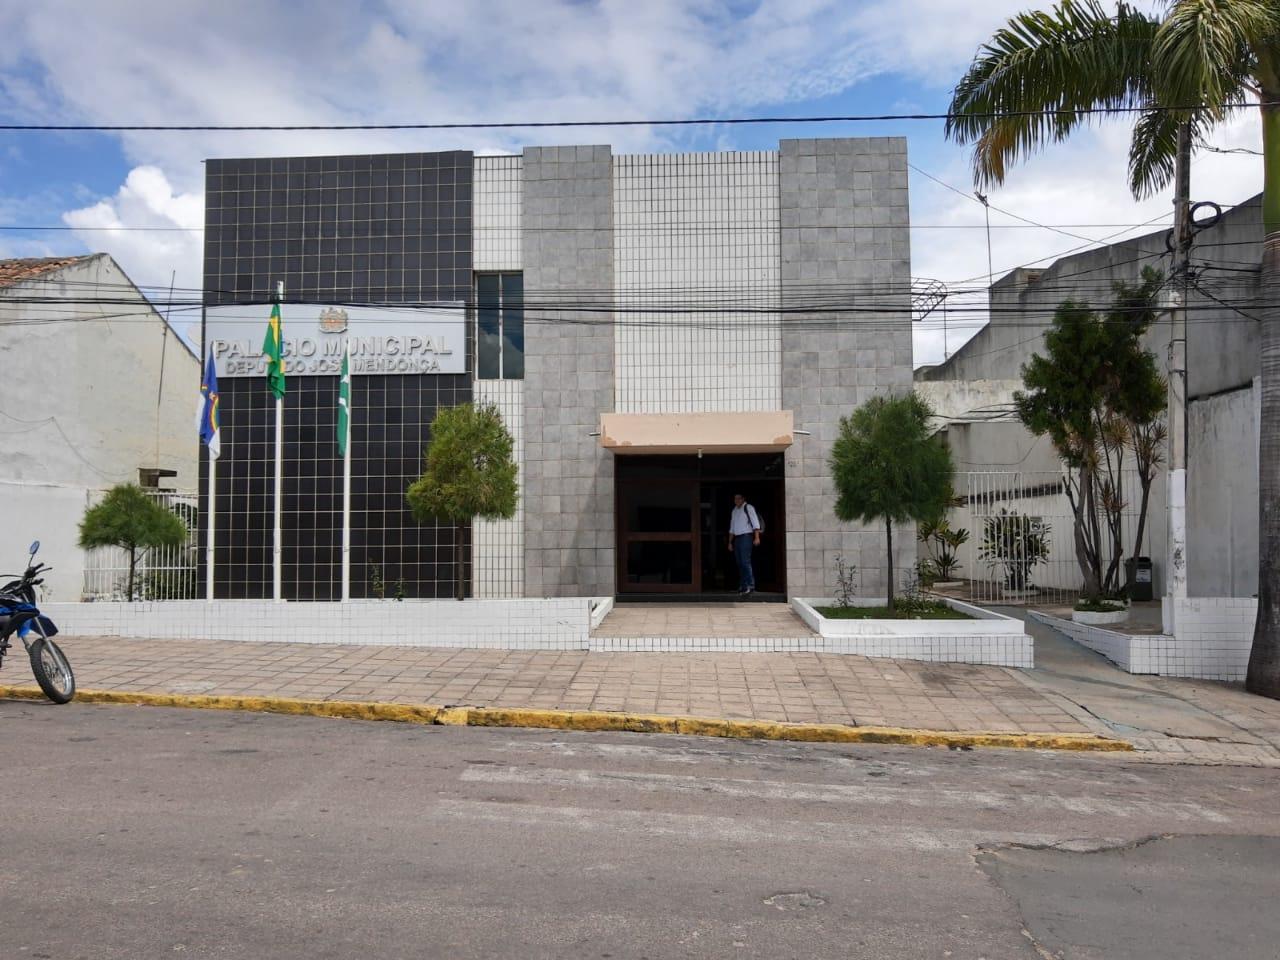 Celpe confirma atraso no pagamento e corte de energia da Prefeitura de Belo Jardim